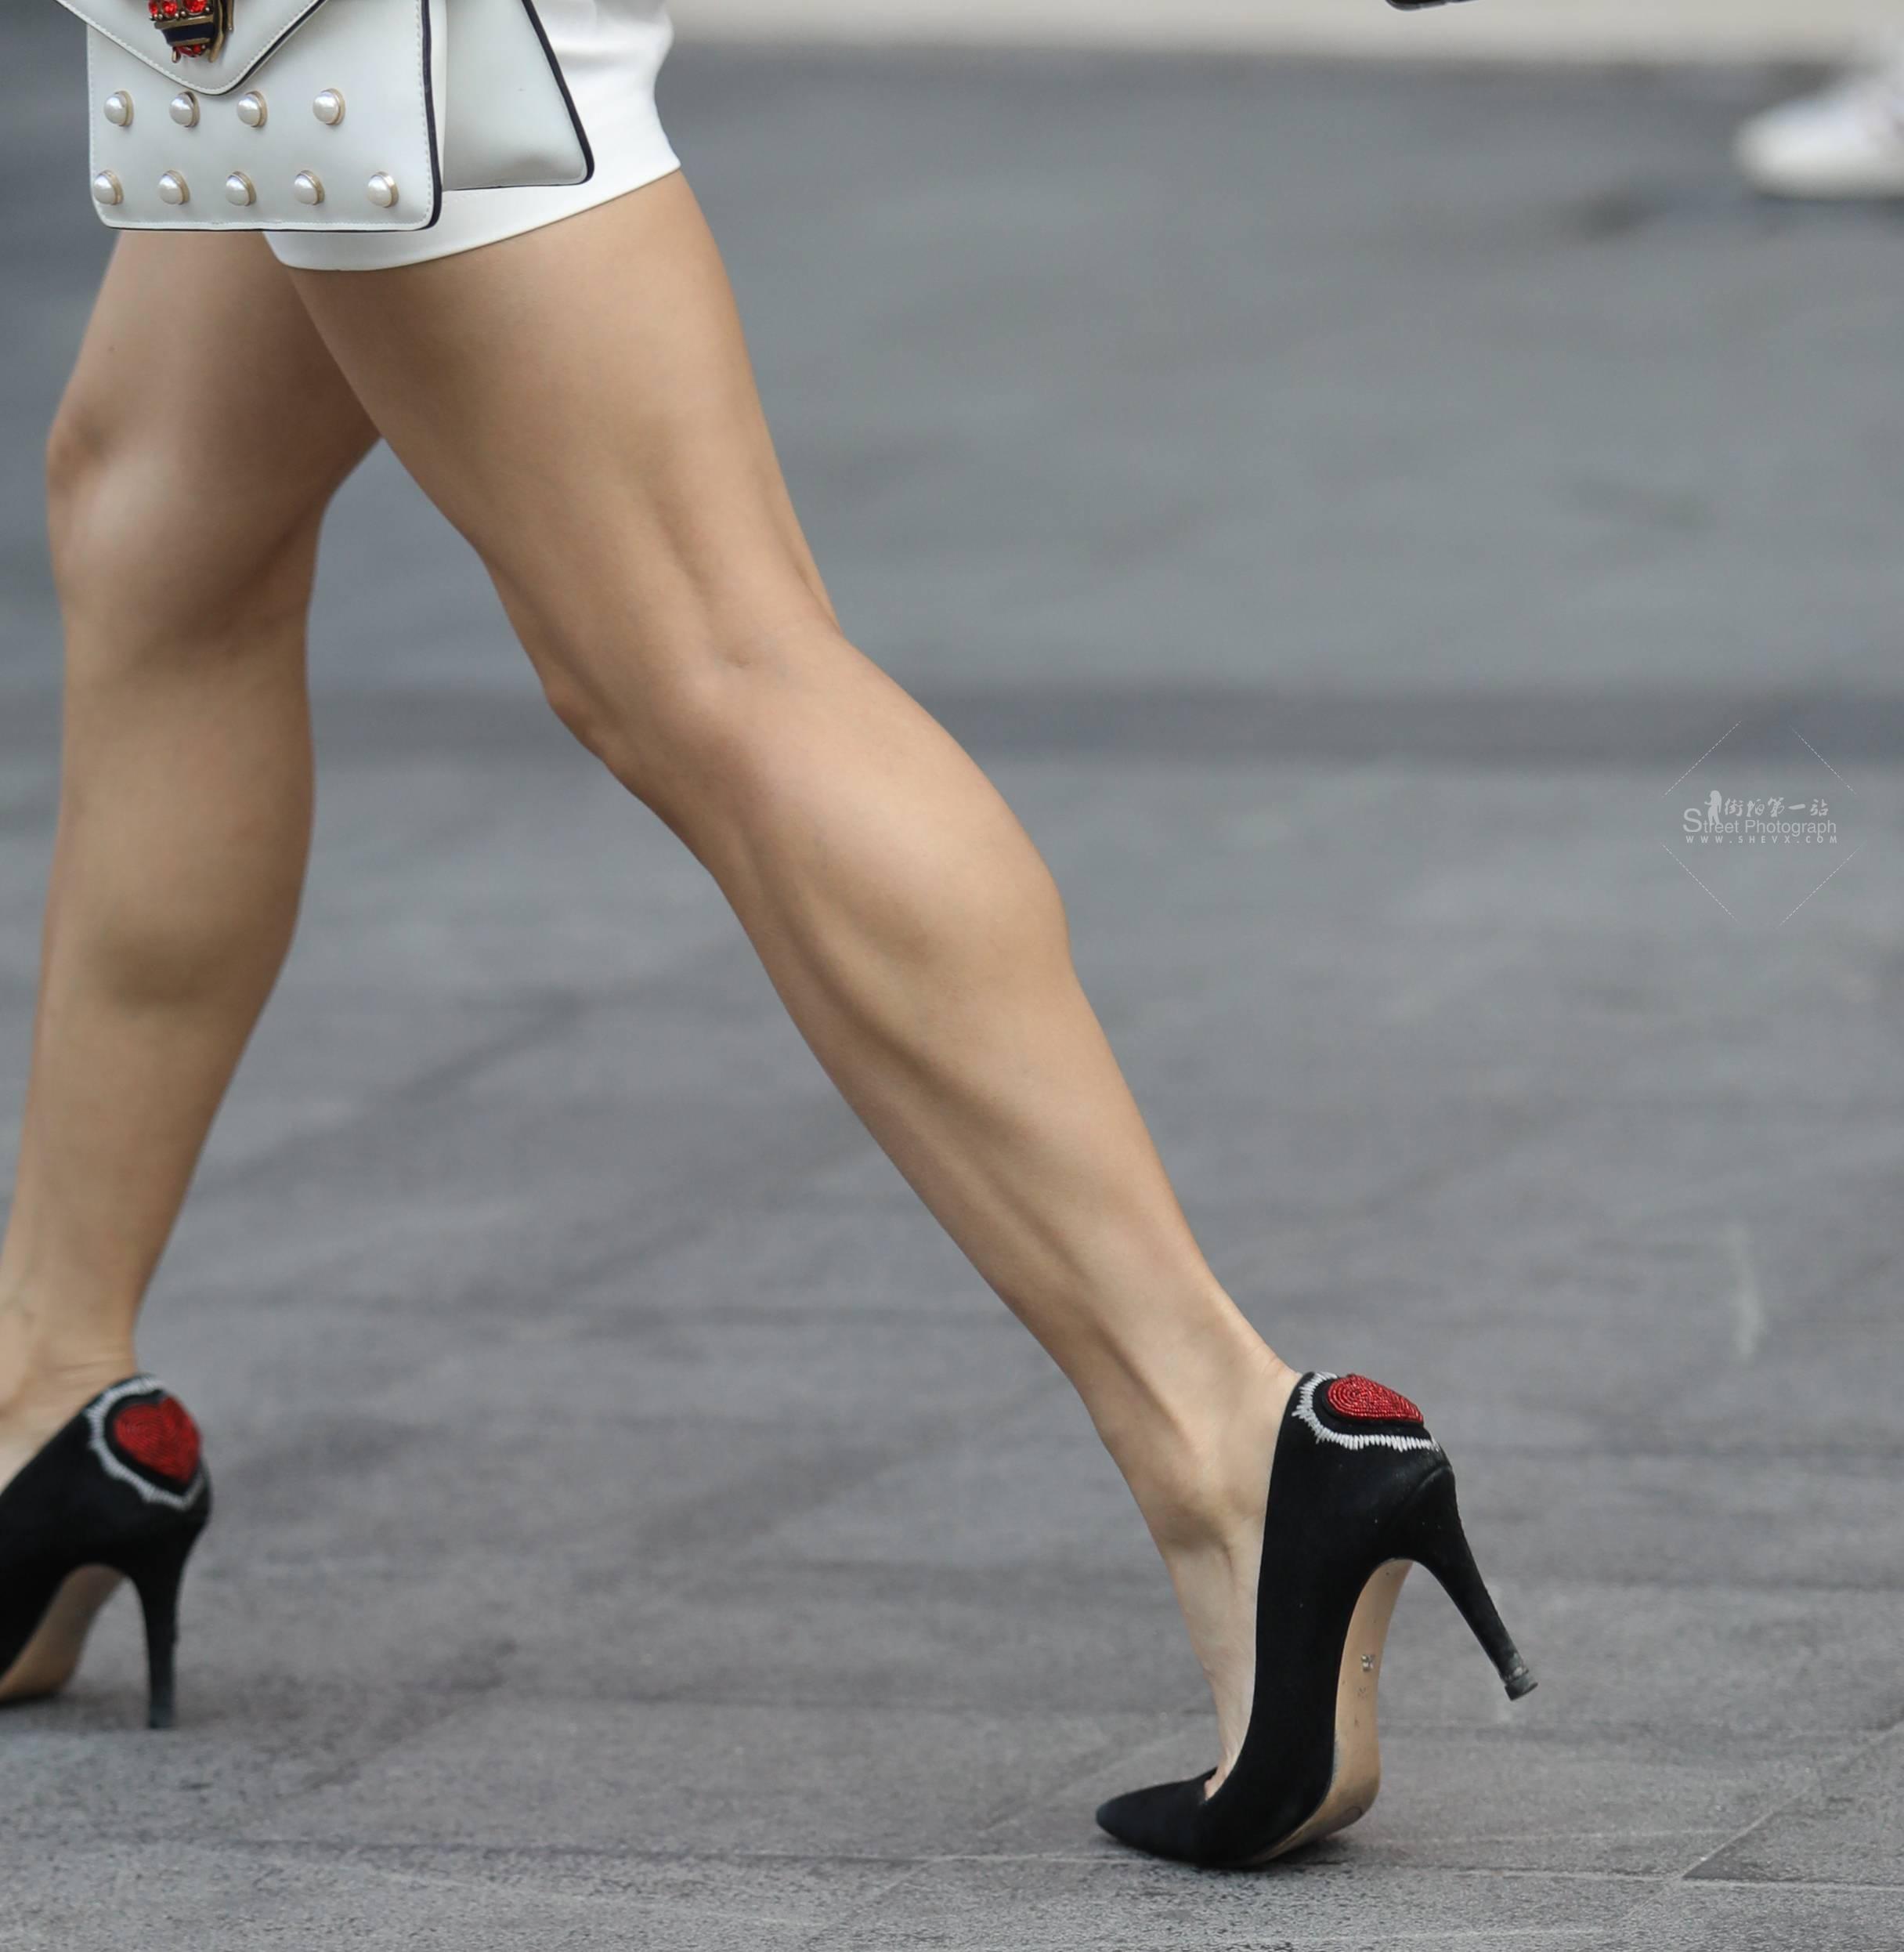 街拍长腿,街拍高跟 【珏一笑而过】 长腿高跟Shao Fu 最新街拍丝袜图片 街拍丝袜第一站